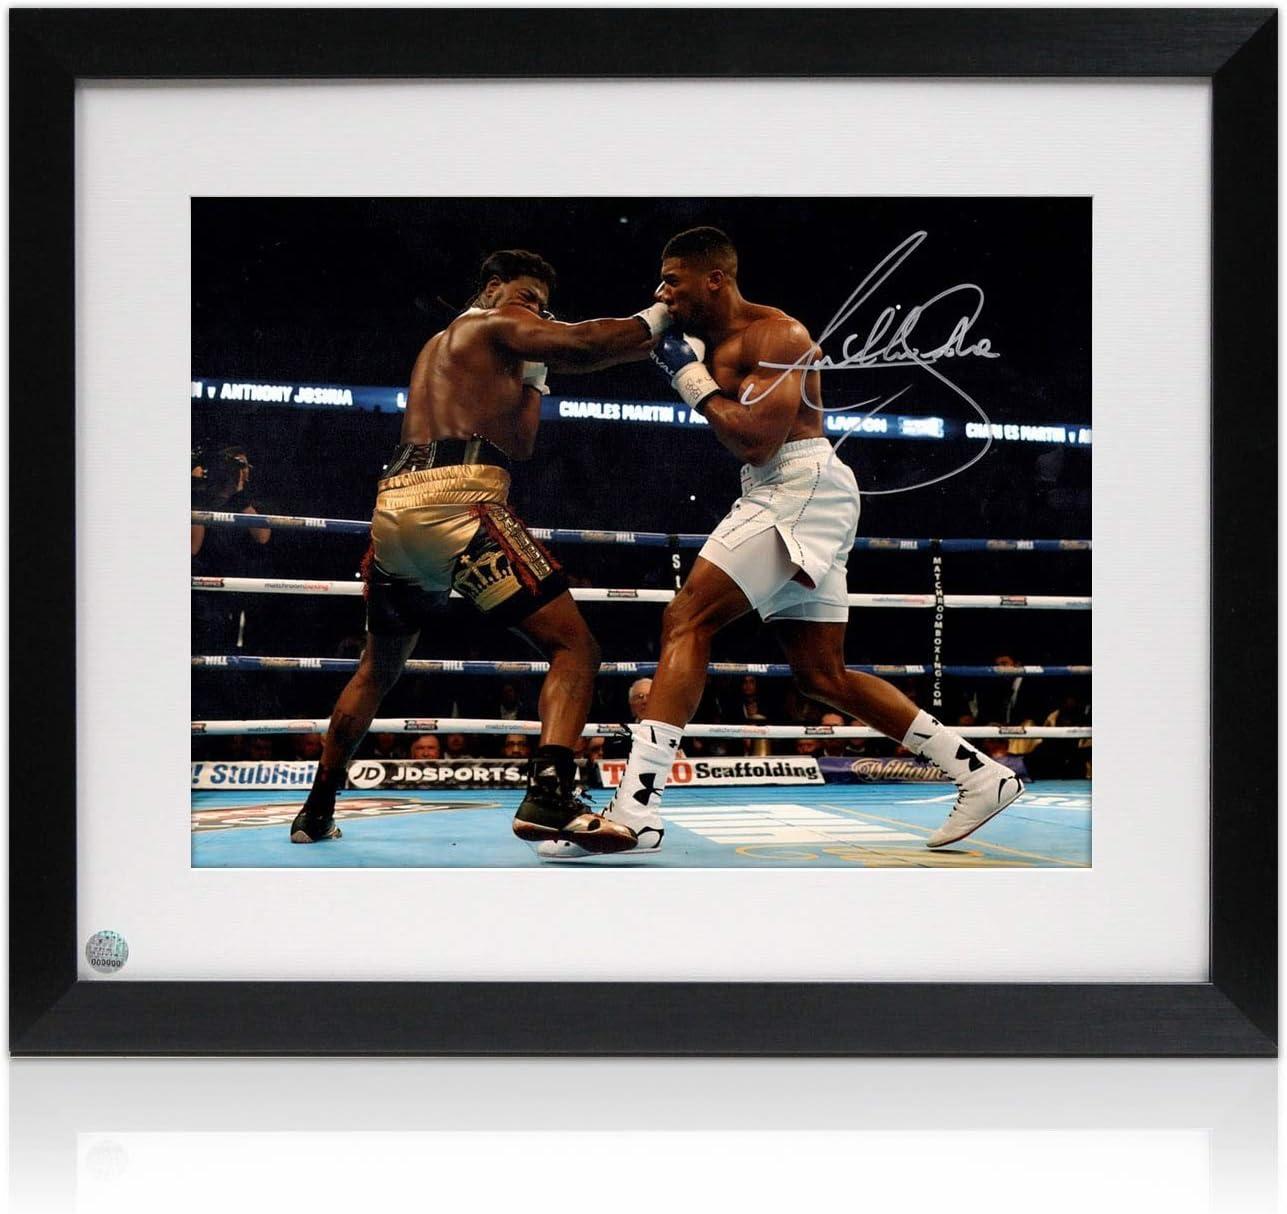 Anthony Joshua firmada y enmarcada Foto: La lucha contra Charles Martin: Amazon.es: Deportes y aire libre